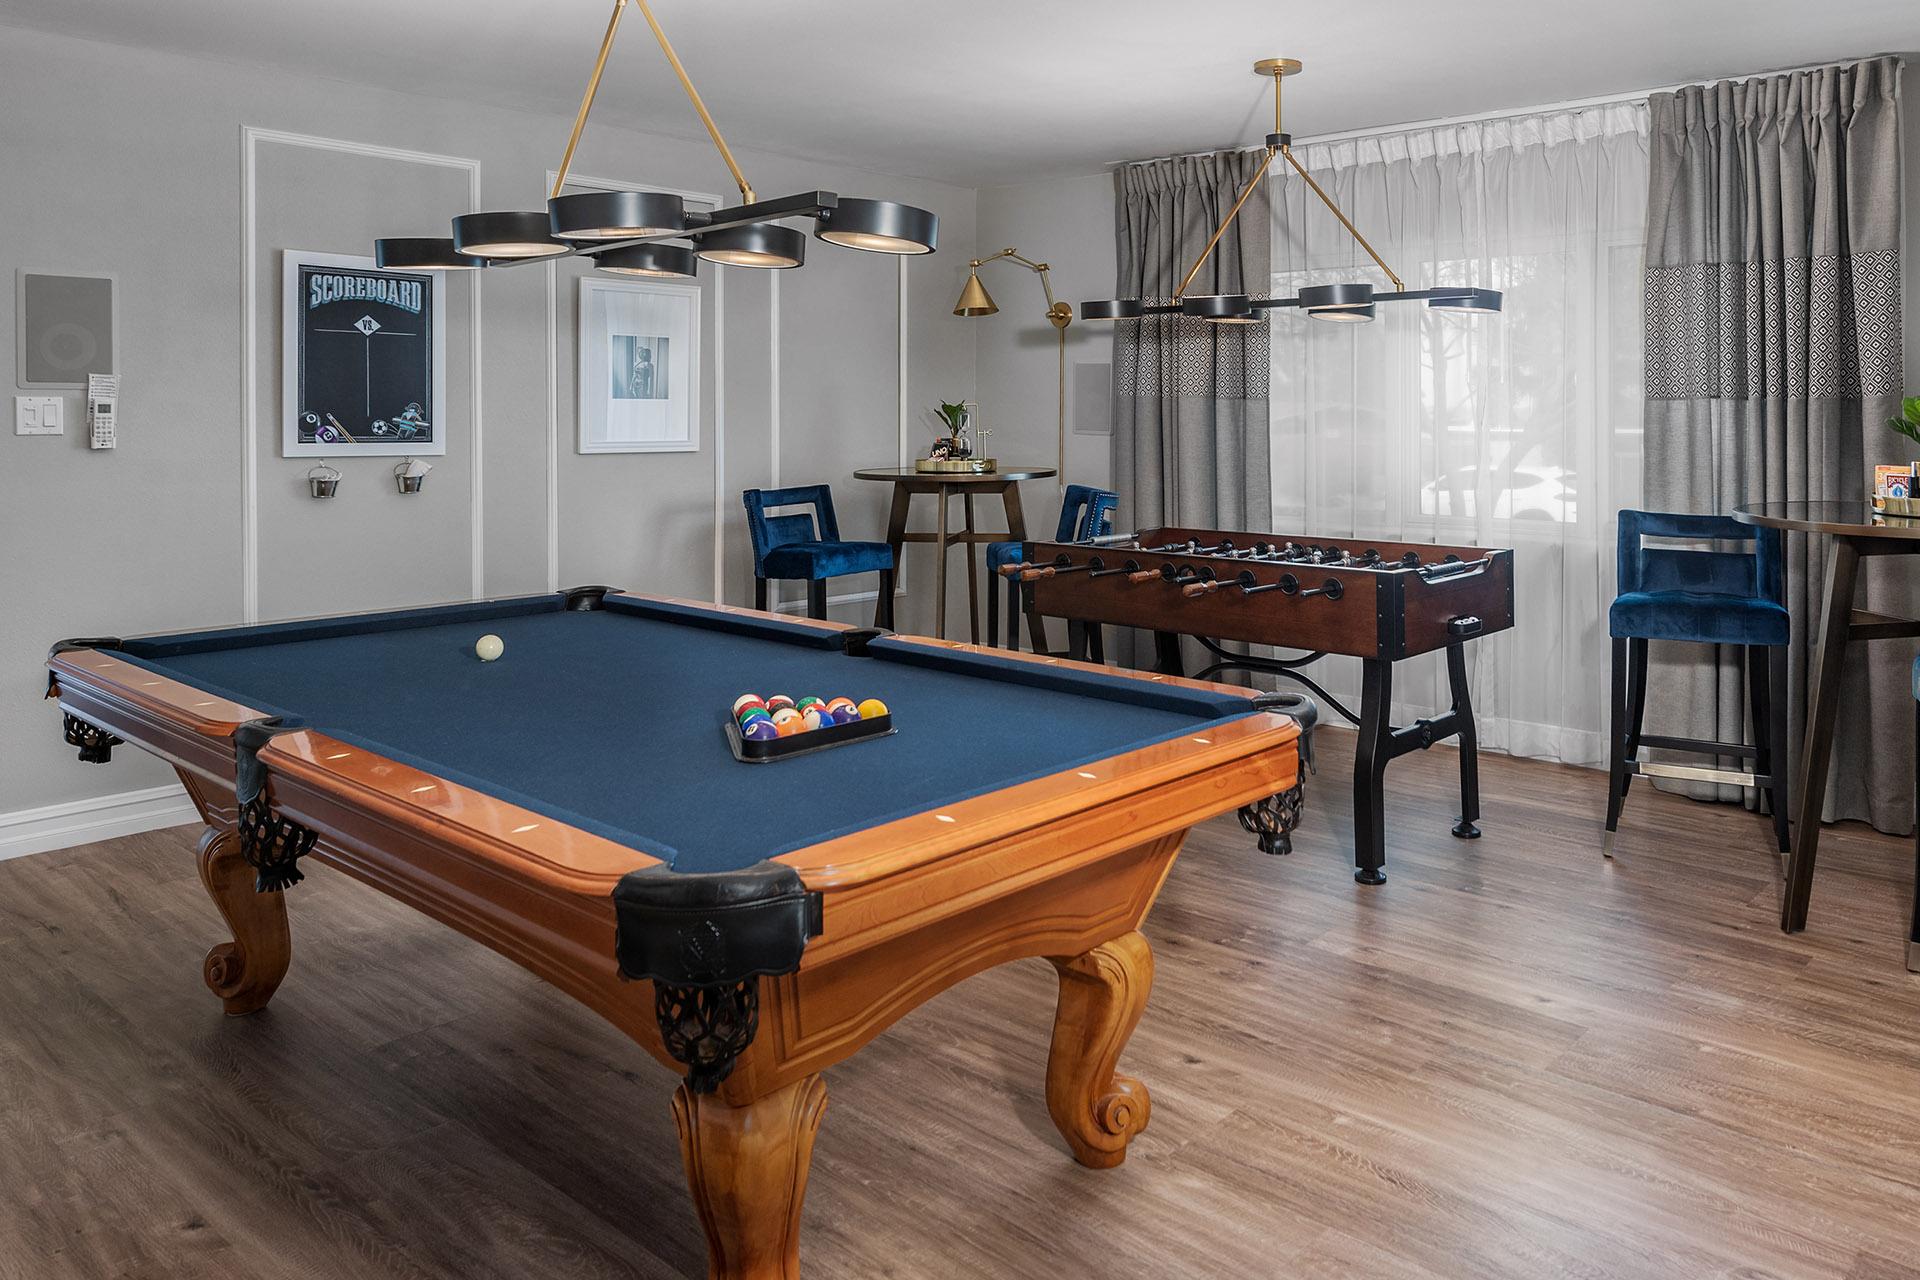 Palm-Springs-Vacation-Rental-Game-Room-Pool-Table-Foosball